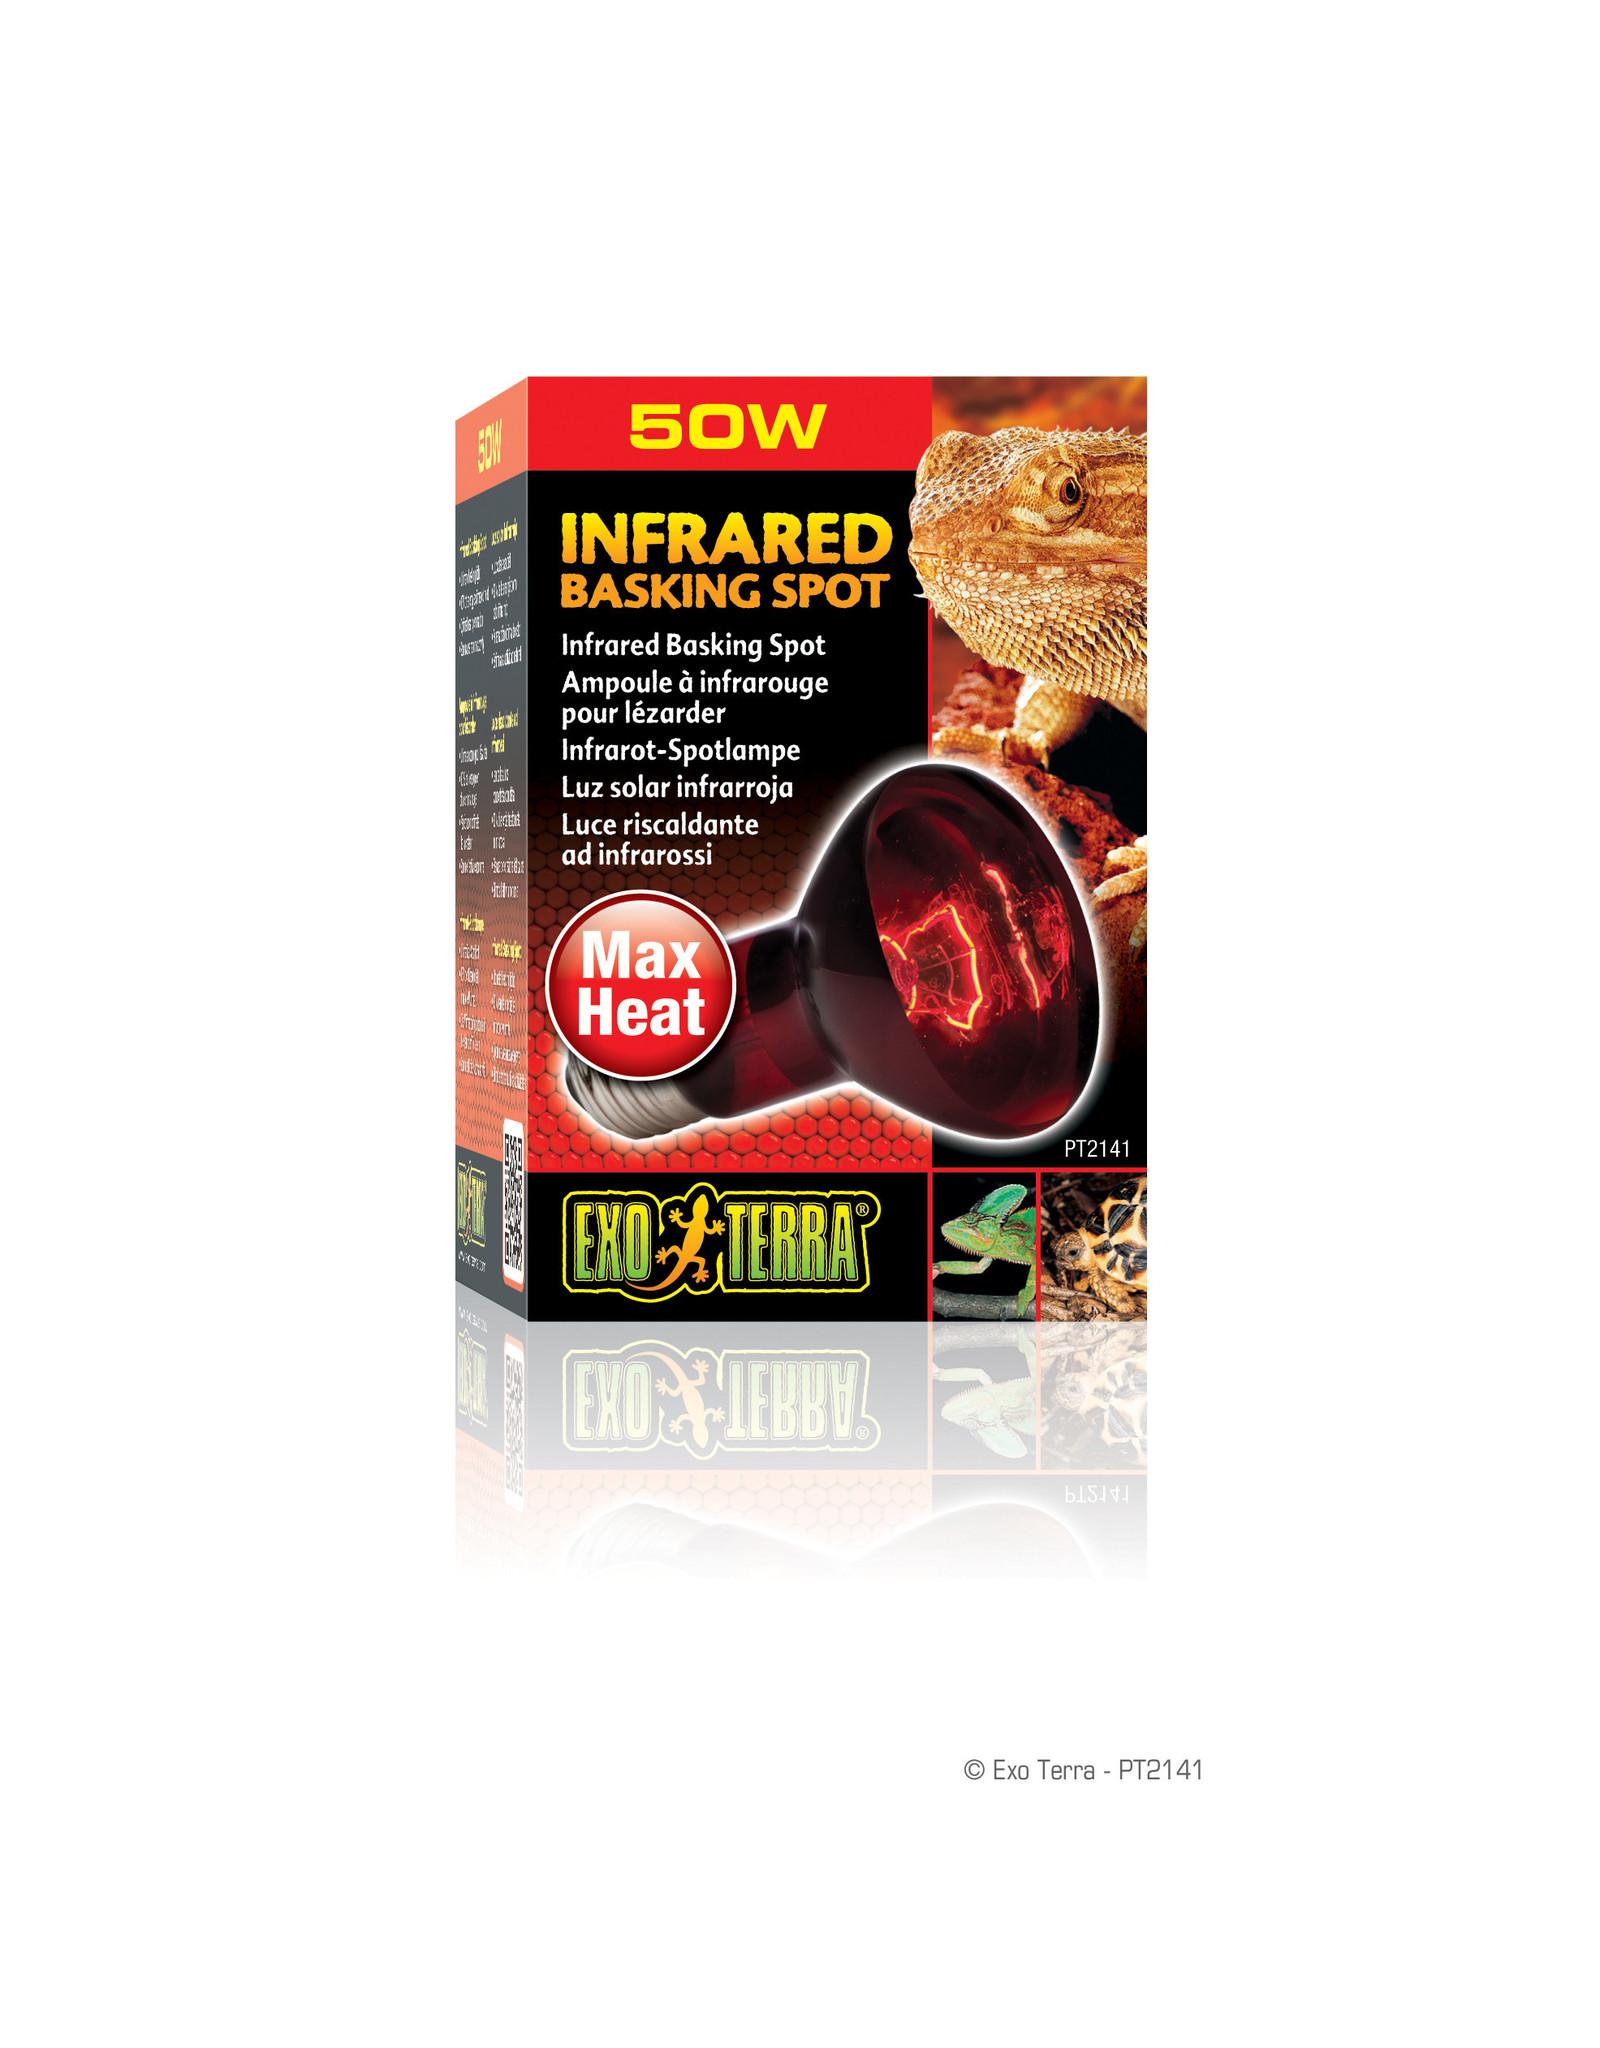 Exo Terra Infrared Basking Spot R20/50W